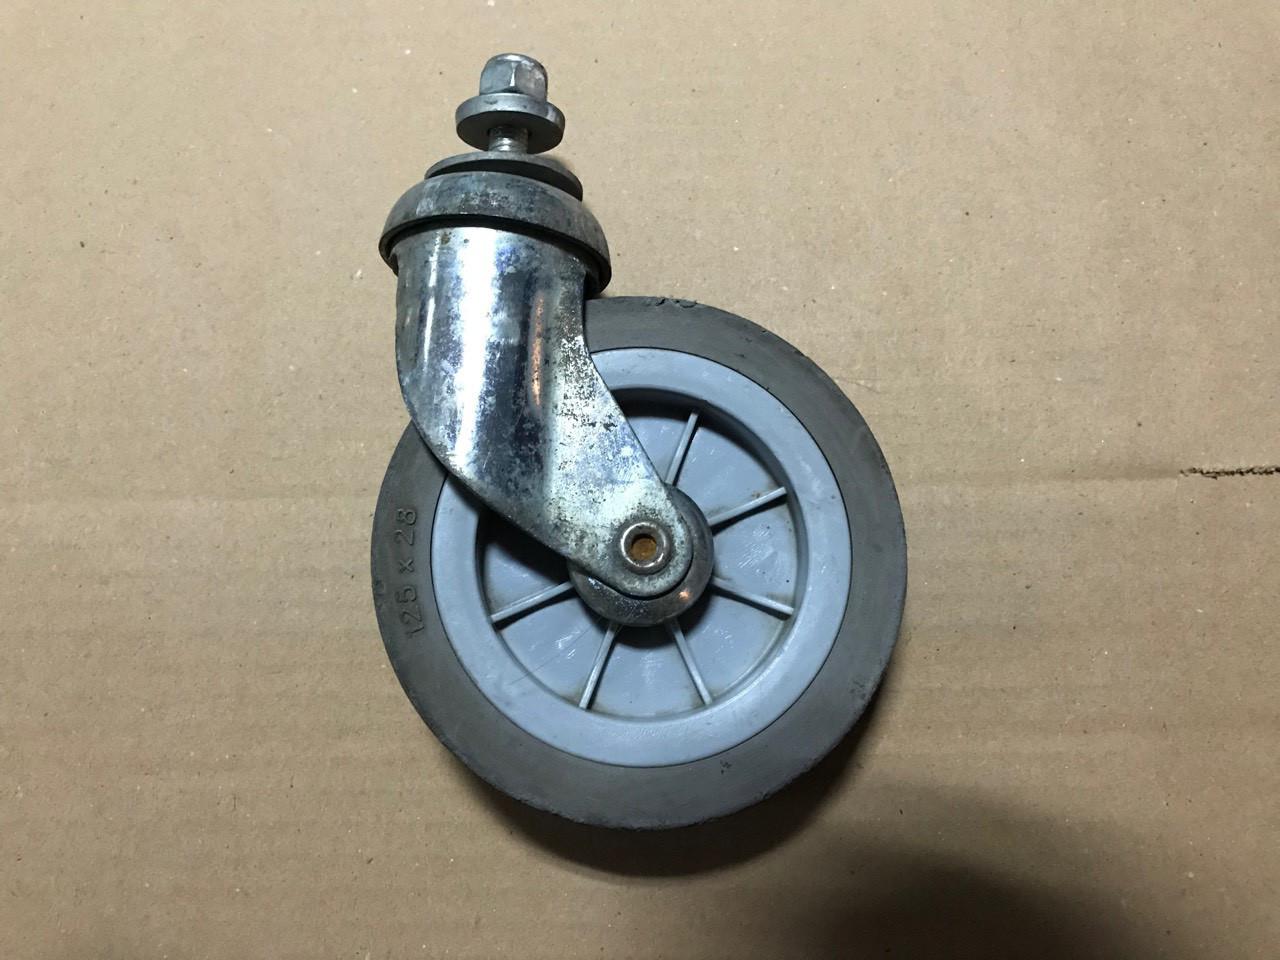 Промышленные колеса б/у для складских и торговых тележек, покупательских корзин 125мм